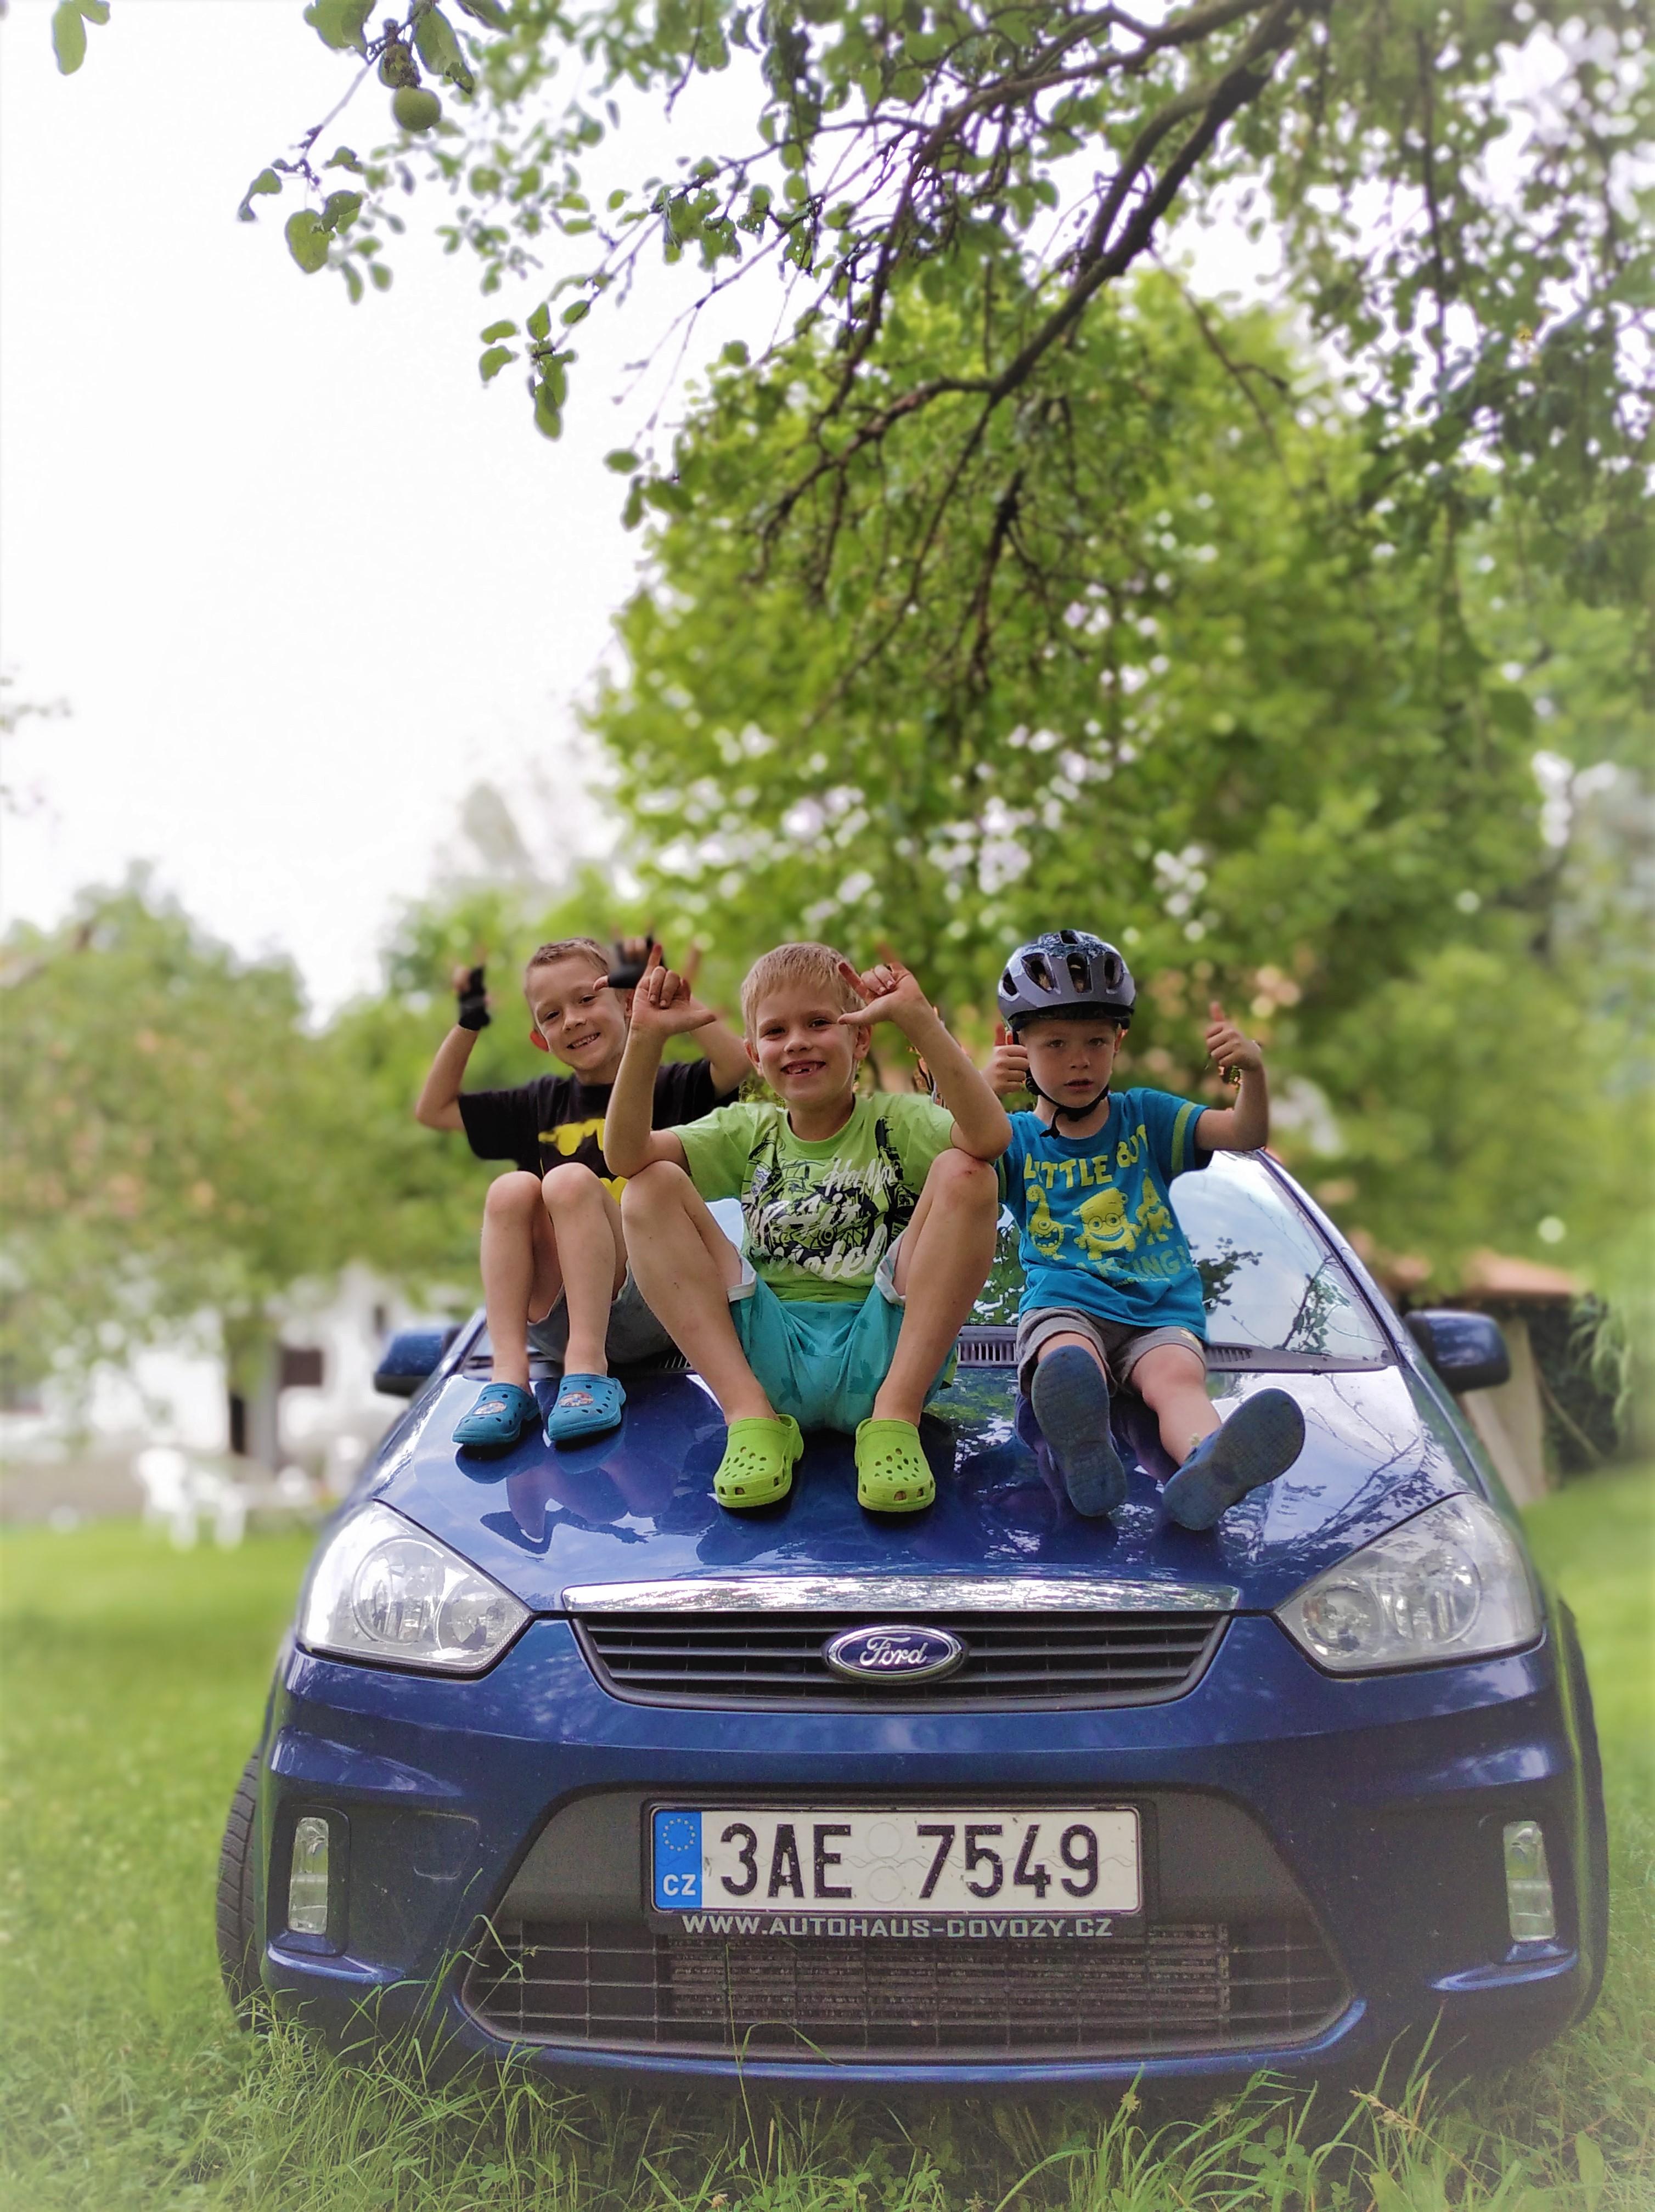 Antonie z chytrých hraček radí, jak zabavit děti na cestách